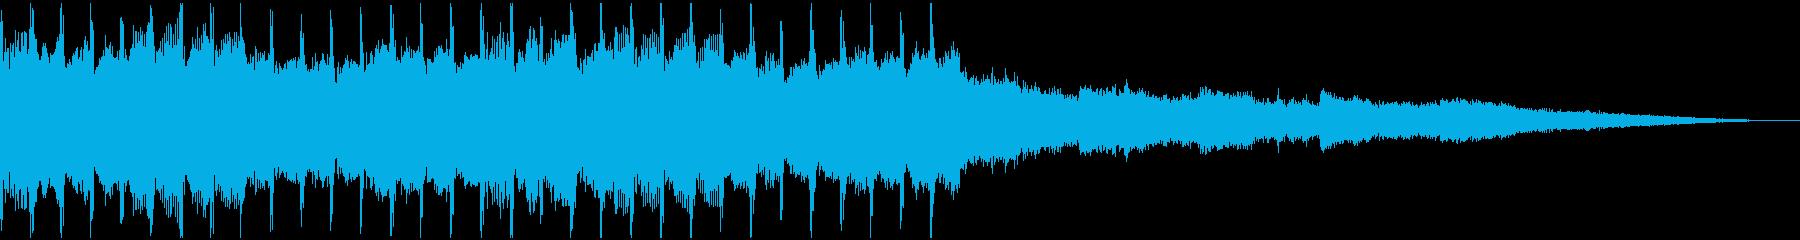 おしゃれで高揚感のあるハウス30秒verの再生済みの波形